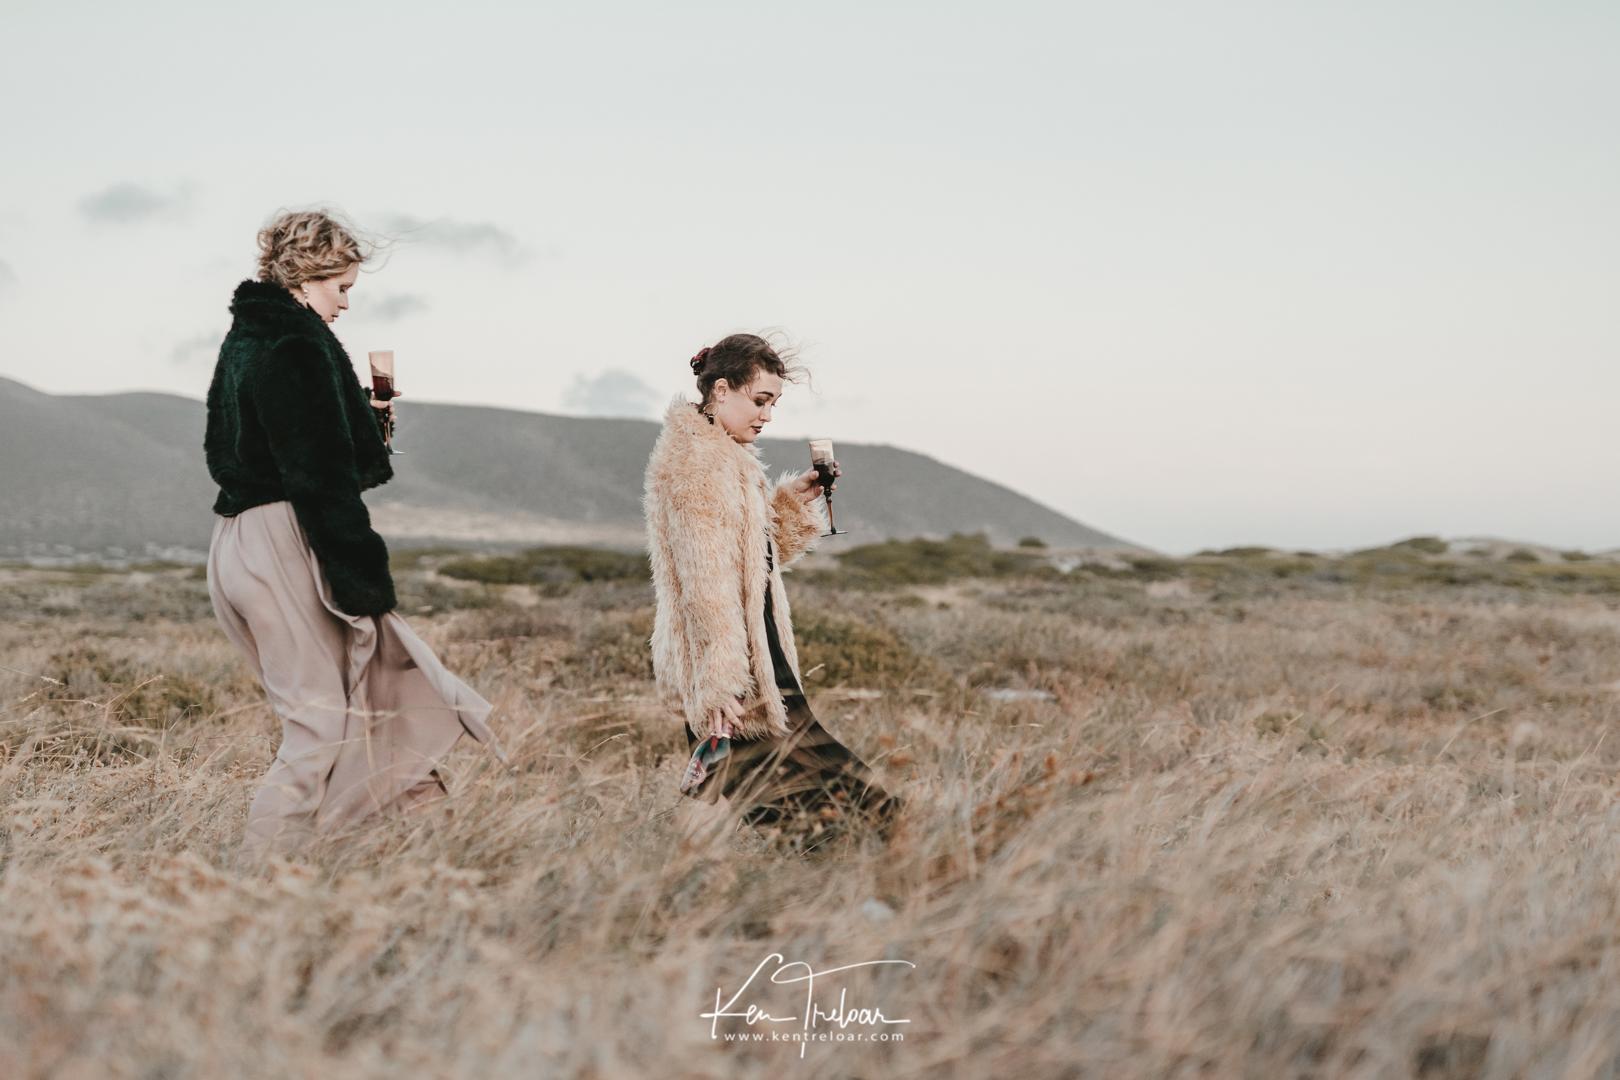 Ken Treloar Photography - Styled Best Friends photoshoot Cape Town B2-20.jpg